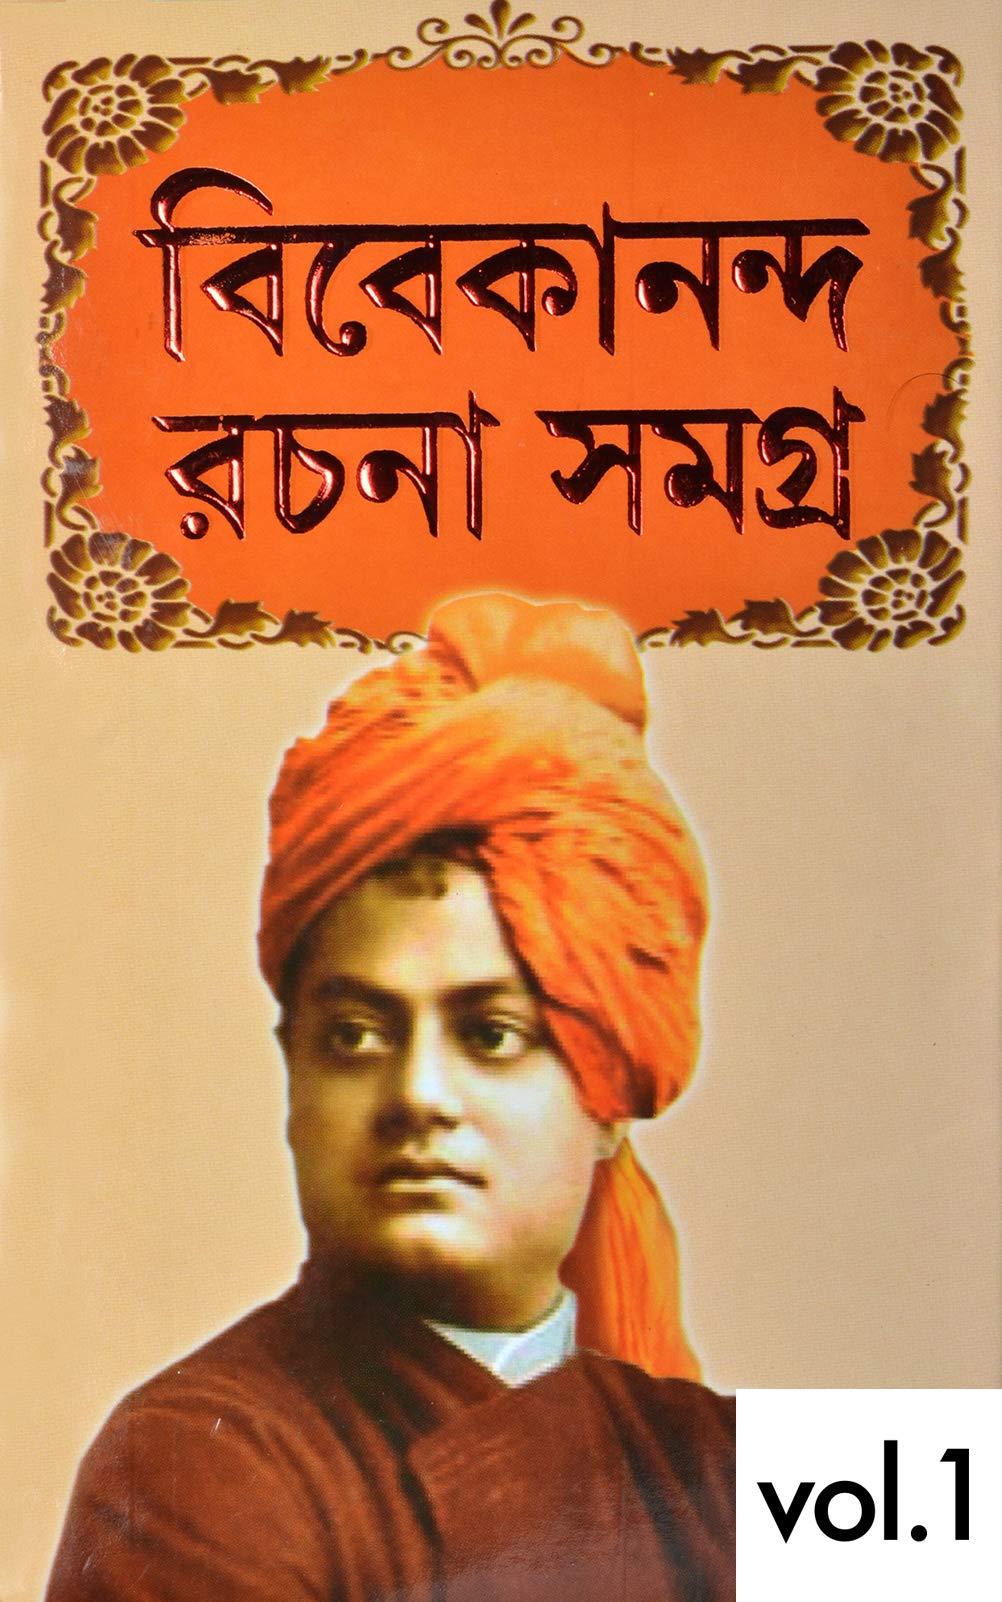 Buy Vivekananda Rachana Samagra Volume 1 Swami Vivekananda Bengali Books Book Online At Low Prices In India Vivekananda Rachana Samagra Volume 1 Swami Vivekananda Bengali Books Reviews Ratings Amazon In